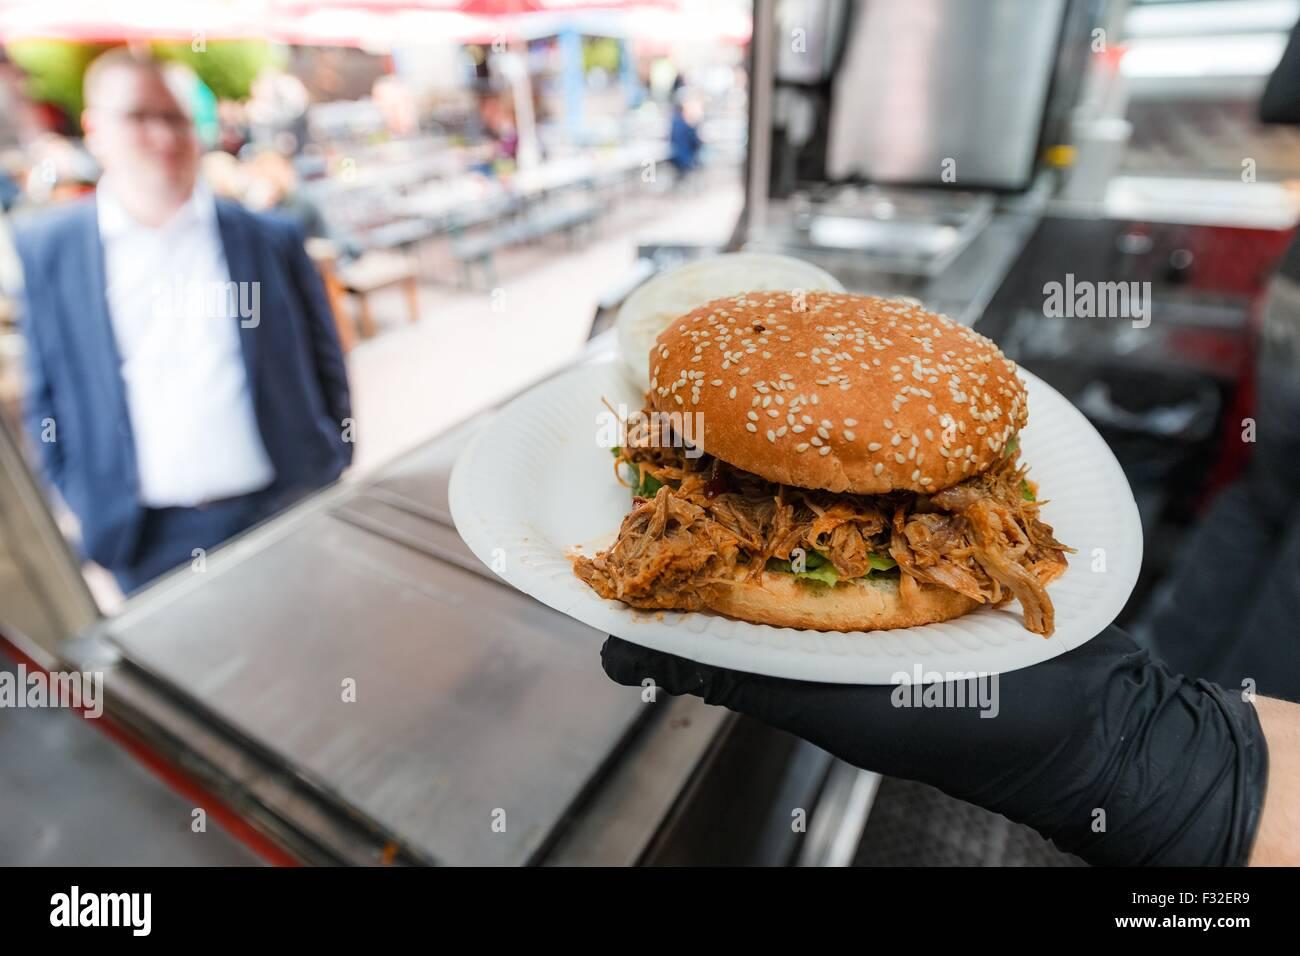 Hamburg Germany 11th Sep 2015 A Pulled Pork Burger At The